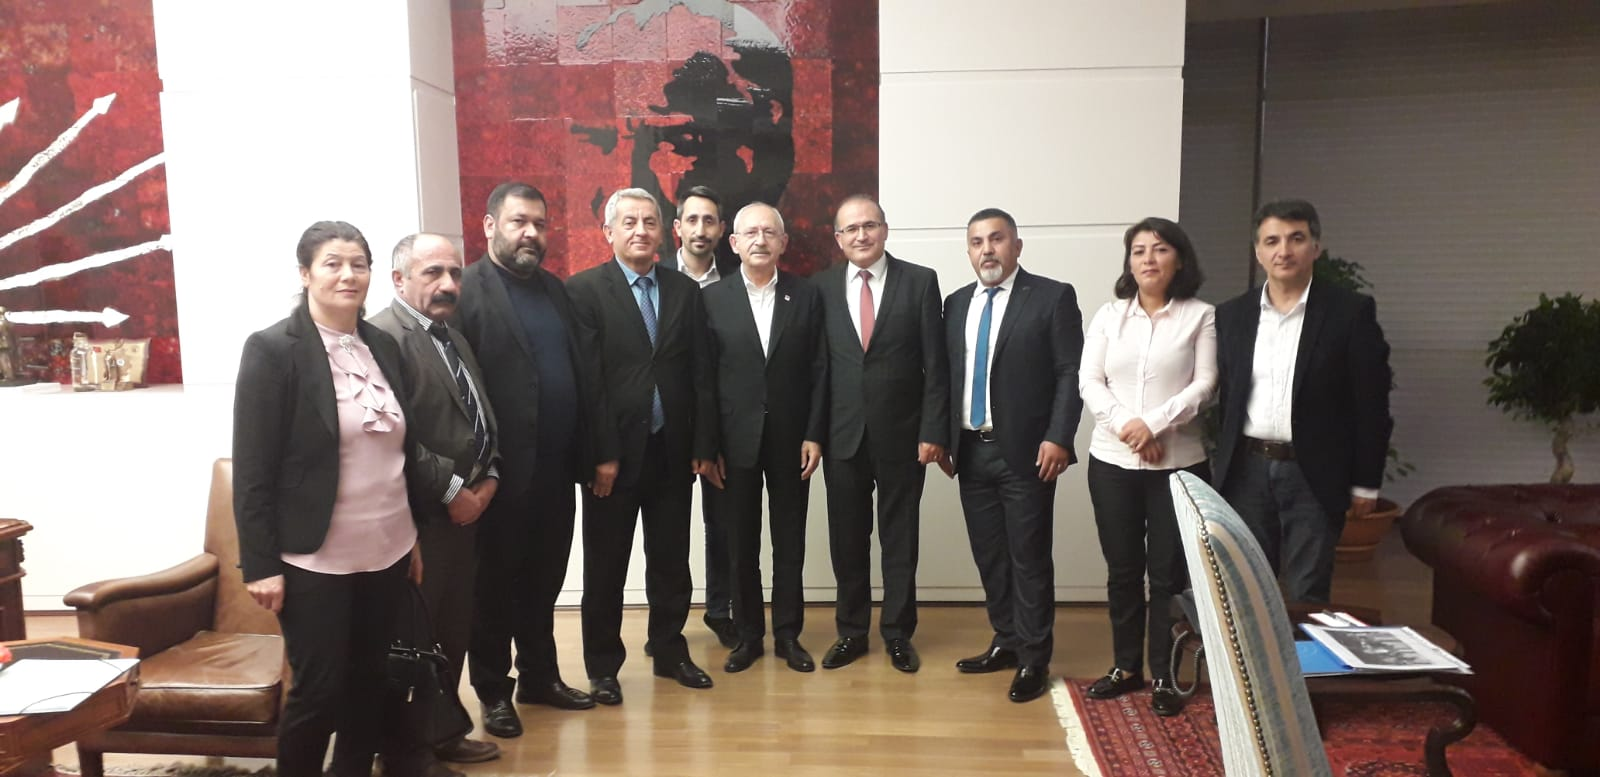 Maltepe Cemevi yöneticileri Kılıçdaroğlu'na sorunlarını anlattı